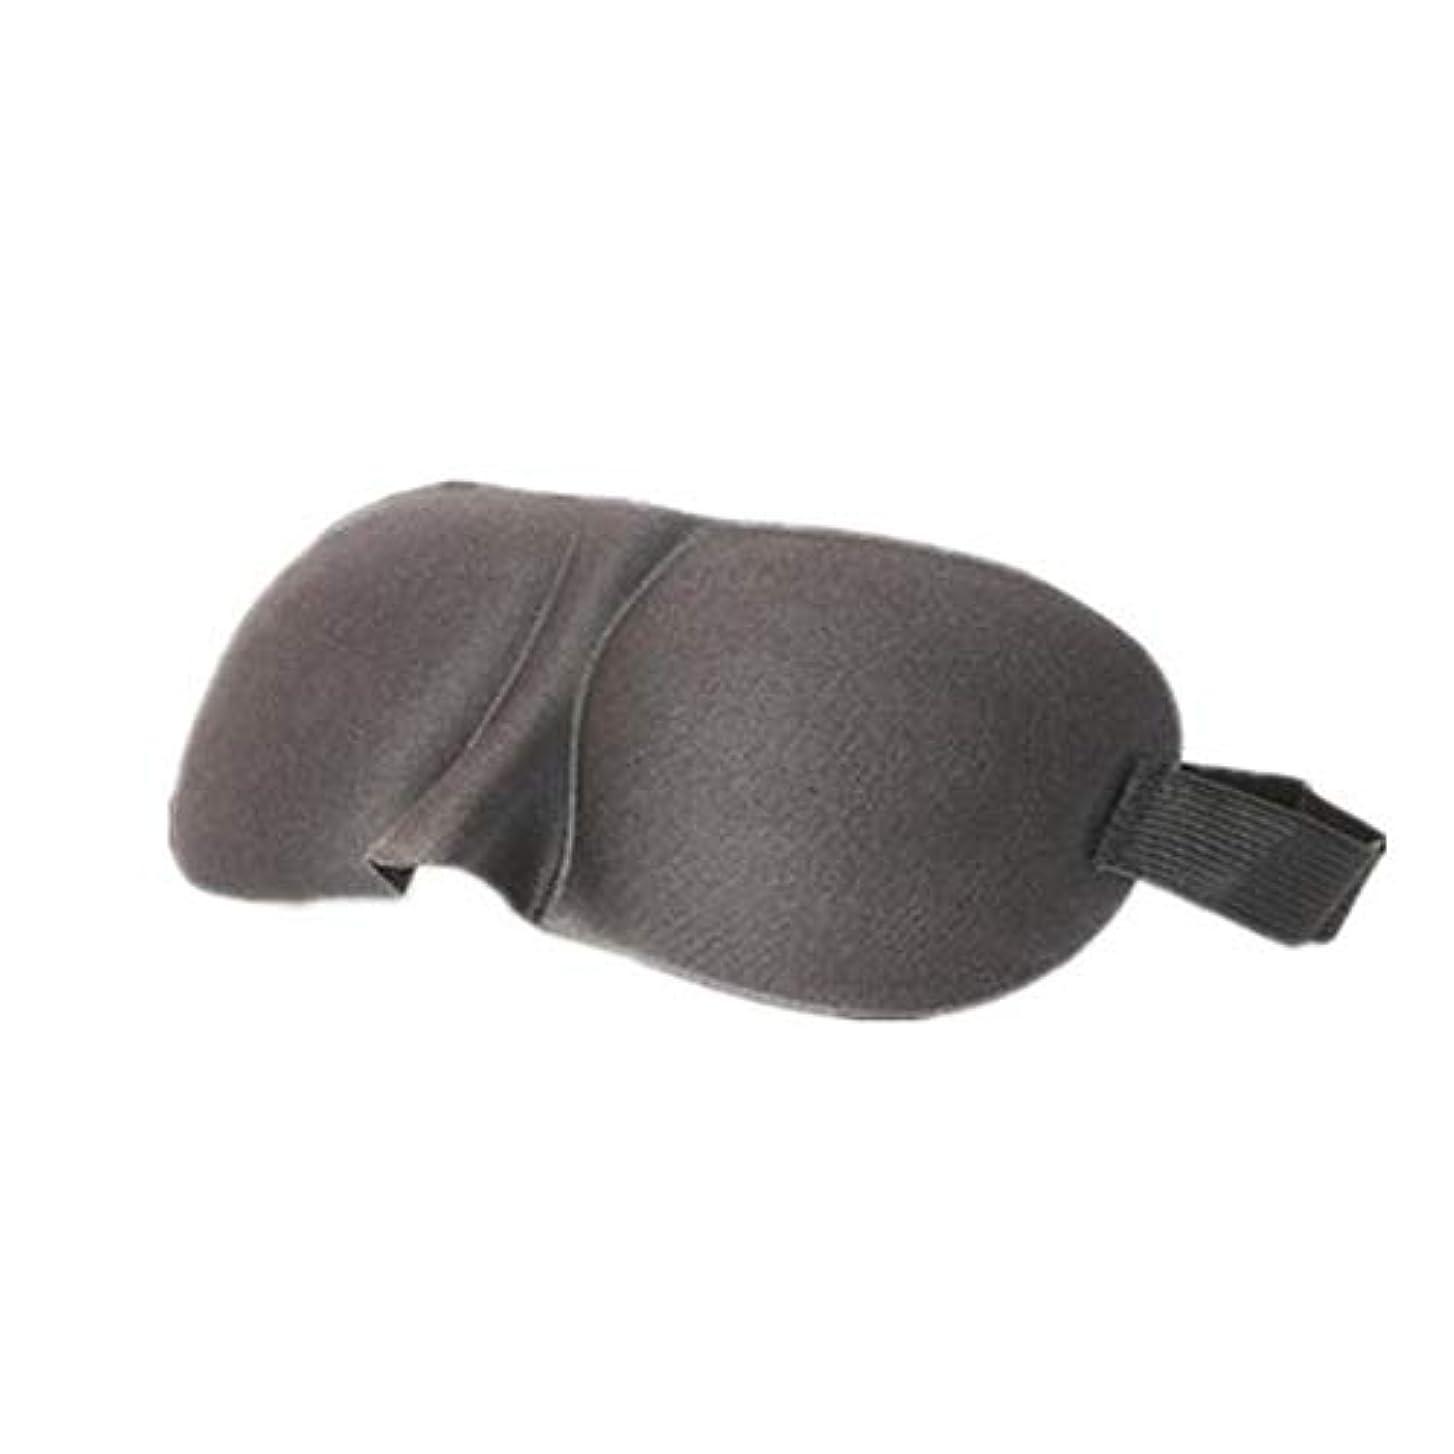 ソブリケット狂乱構造的HUICHEN 3D立体ゴーグルアイシェードソフトで快適な、軽量、通気性の目のゴーグルは昼寝睡眠睡眠の男性と女性を旅行します (Color : Black)